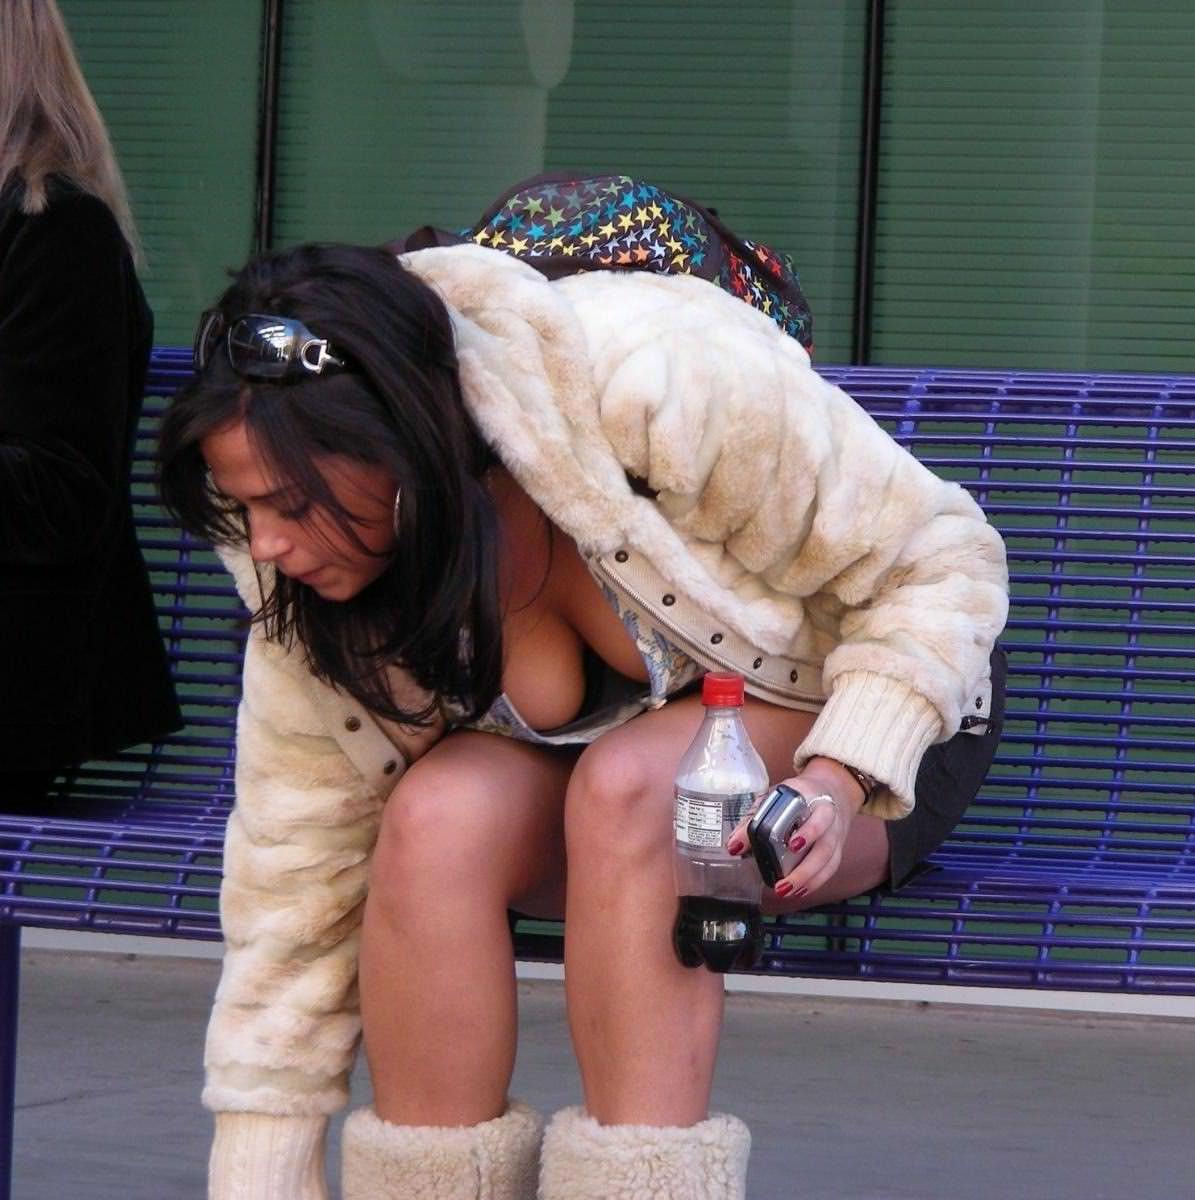 【街撮り盗撮】みんなブラしな過ぎwww海外素人さんの胸チラおっぱいの丸出し乳首wwwww 2108